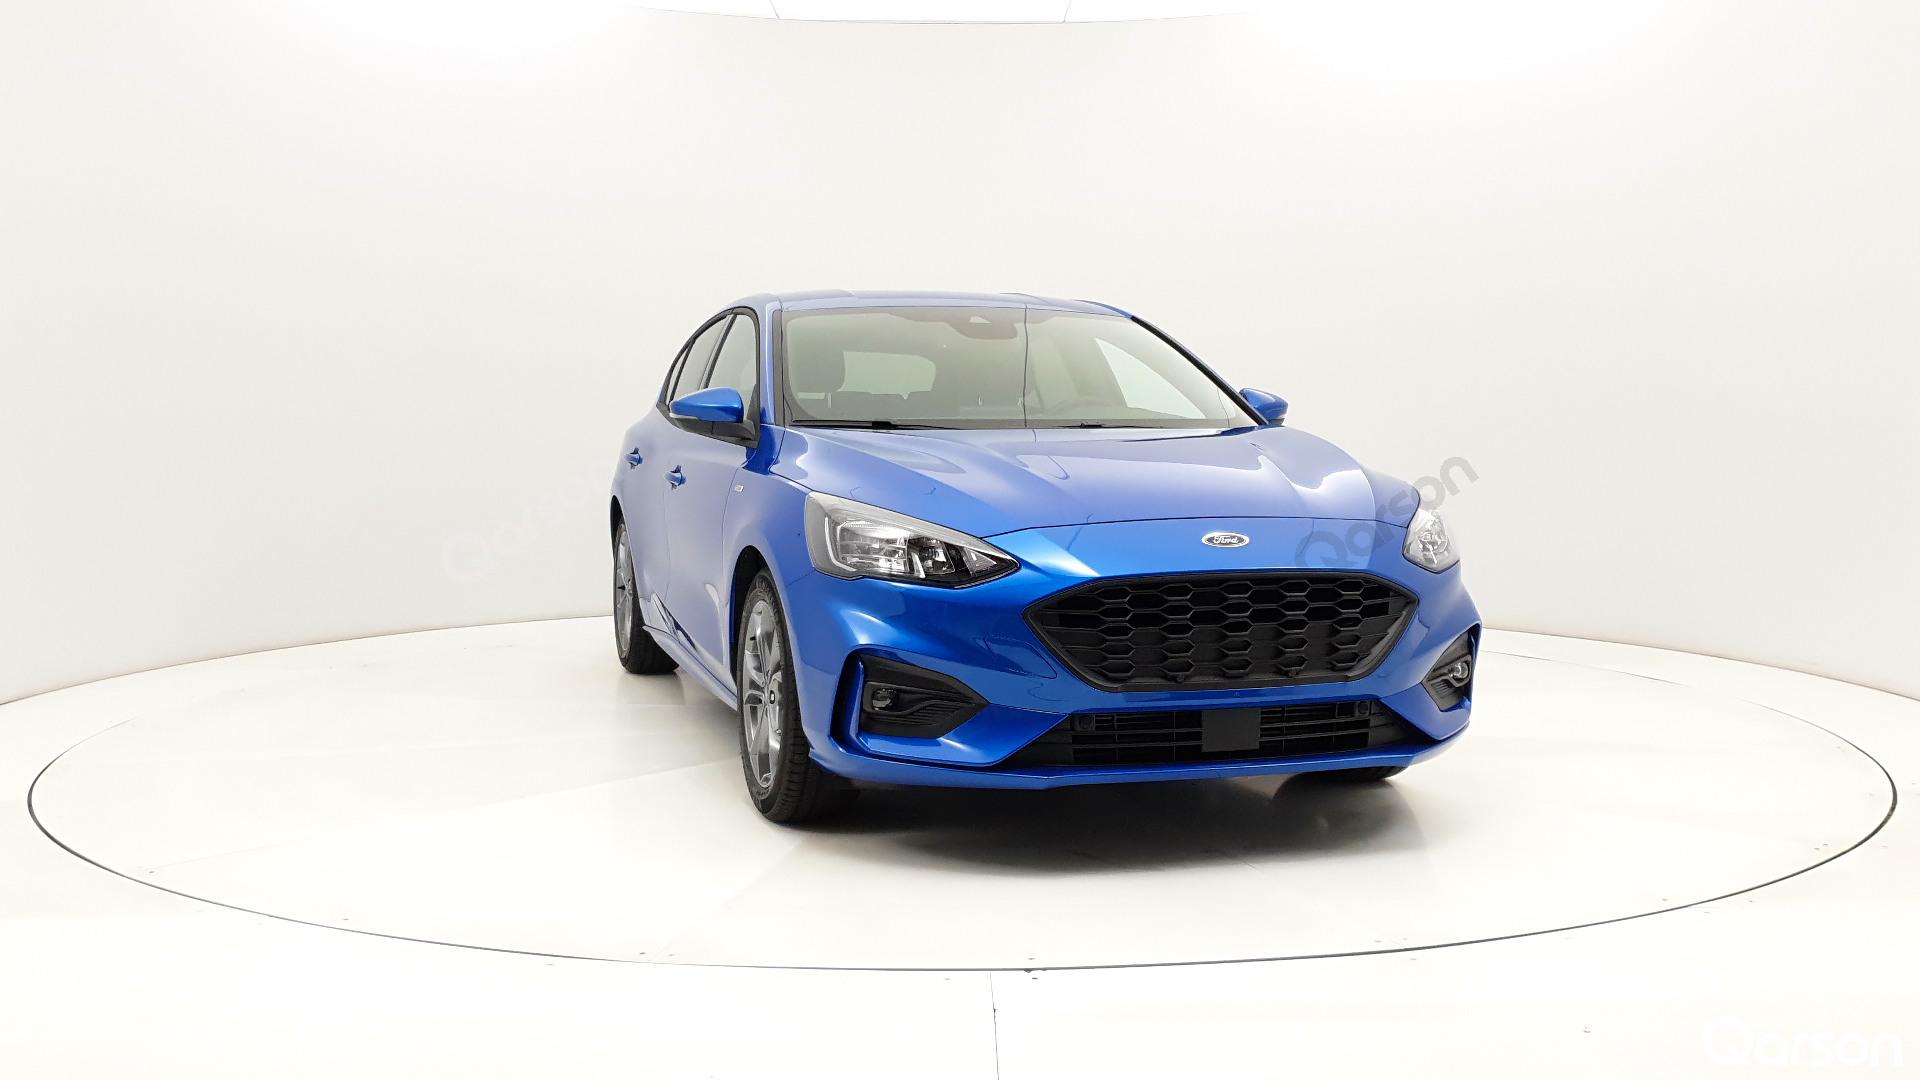 Ford Focus 5D Widok auta przedni prawy bok kąt 340 stopni